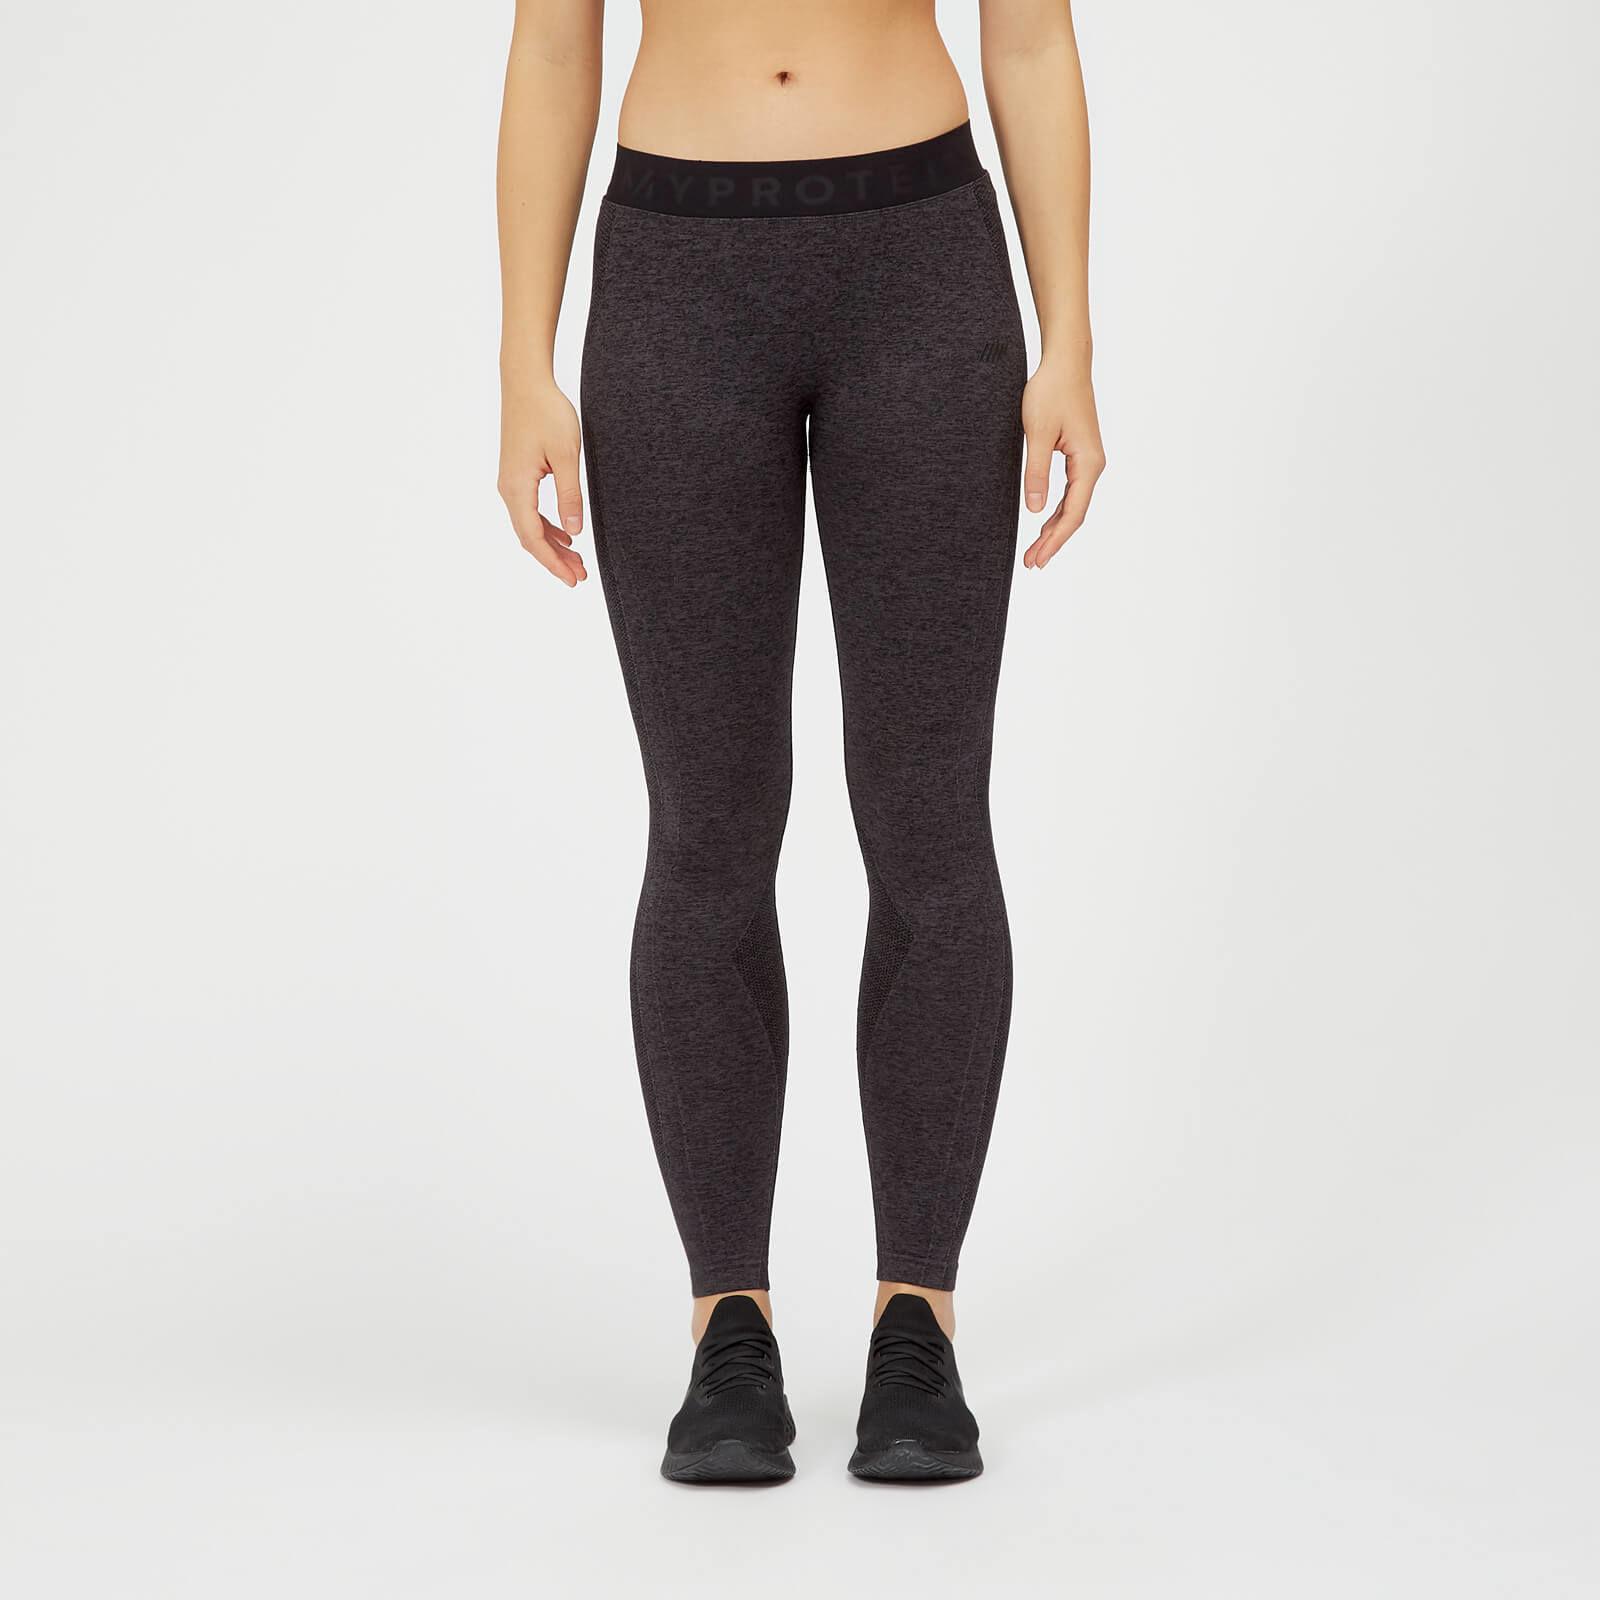 Leggings sans couture Inspire - Cyclisme pour Femme - Noir